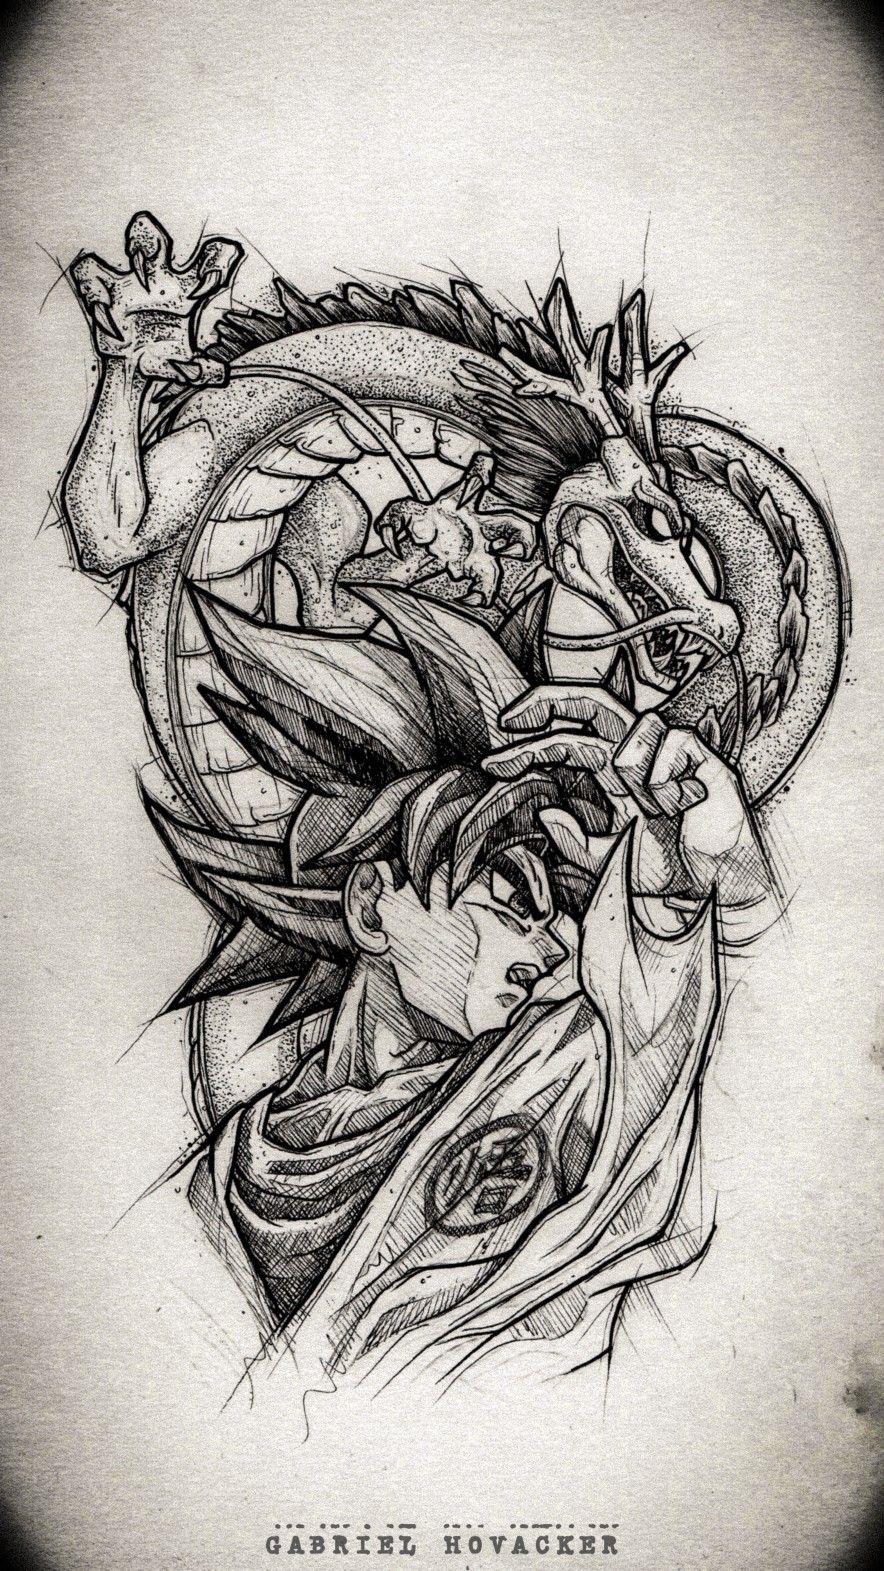 Dragonball Blackwork Tattoo Design Goku Anime Tattoos Gaming Tattoo Dbz Tattoo